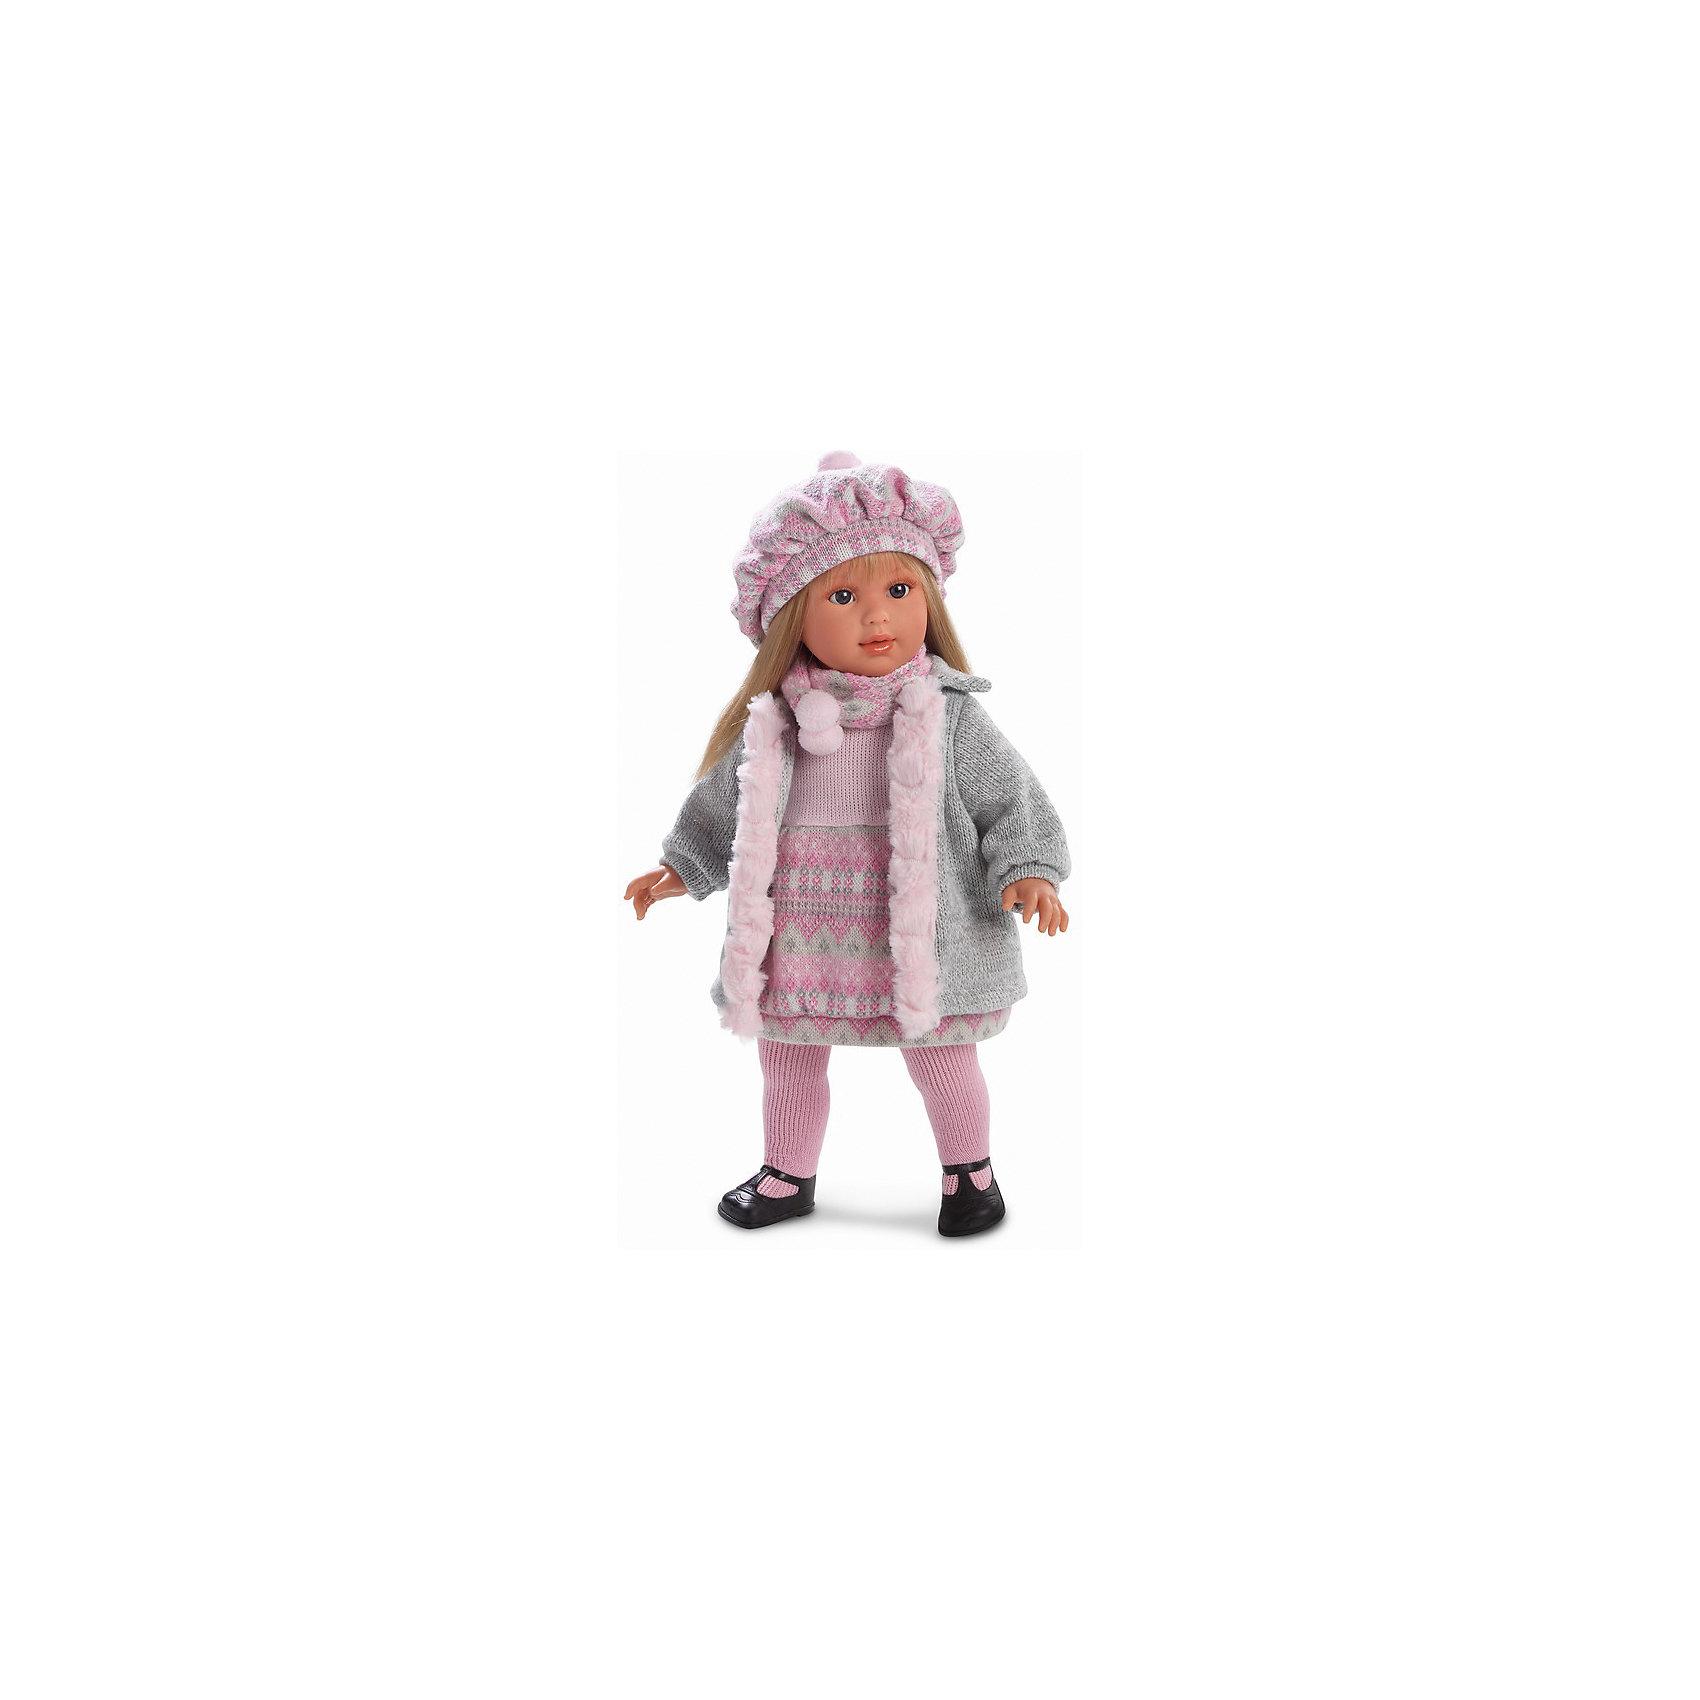 Кукла Мартина, 40 см, LlorensХарактеристики:<br><br>• Предназначение: для сюжетно-ролевых игр<br>• Тип куклы: мягконабивная<br>• Пол куклы: девочка <br>• Цвет волос: блондинка<br>• Материал: поливинилхлорид, пластик, нейлон, текстиль<br>• Цвет: розовый, серый, белый, черный<br>• Высота куклы: 40 см<br>• Комплектация: кукла, платье, пальто, берет, шарф, колготки, туфли<br>• Вес: 950 г<br>• Размеры упаковки (Д*В*Ш): 23*46*13 см<br>• Упаковка: подарочная картонная коробка <br>• Особенности ухода: допускается деликатная стирка без использования красящих и отбеливающих средств предметов одежды куклы<br><br>Кукла Мартина 40 см – кукла, производителем которого является всемирно известный испанский кукольный бренд Llorens. Куклы этой торговой марки имеют свою неповторимую внешность и целую линейку образов как пупсов, так и кукол-малышей. Игрушки выполнены из сочетания поливинилхлорида и пластика, что позволяет с высокой долей достоверности воссоздать физиологические и мимические особенности маленьких детей. При изготовлении кукол Llorens используются только сертифицированные материалы, безопасные и не вызывающие аллергических реакций. Волосы у кукол отличаются густотой, шелковистостью и блеском, при расчесывании они не выпадают и не ломаются.<br>Кукла Мартина 40 см выполнена в образе девочки: у нее прямые длинные волосы, которые можно укладывать в различные прически. Комплект теплой одежды состоит из вязаного платья, пальто с меховой отделкой, колготочек. Дополняют стильный Мартины объемный берет и шарф с помпонами. На ножках у Мартины – черные туфельки с ремешками. <br>Кукла Мартина 40 см – это идеальный вариант для подарка к различным праздникам и торжествам.<br><br>Куклу Мартину 40 см можно купить в нашем интернет-магазине.<br><br>Ширина мм: 23<br>Глубина мм: 46<br>Высота мм: 13<br>Вес г: 1200<br>Возраст от месяцев: 36<br>Возраст до месяцев: 84<br>Пол: Женский<br>Возраст: Детский<br>SKU: 5086945